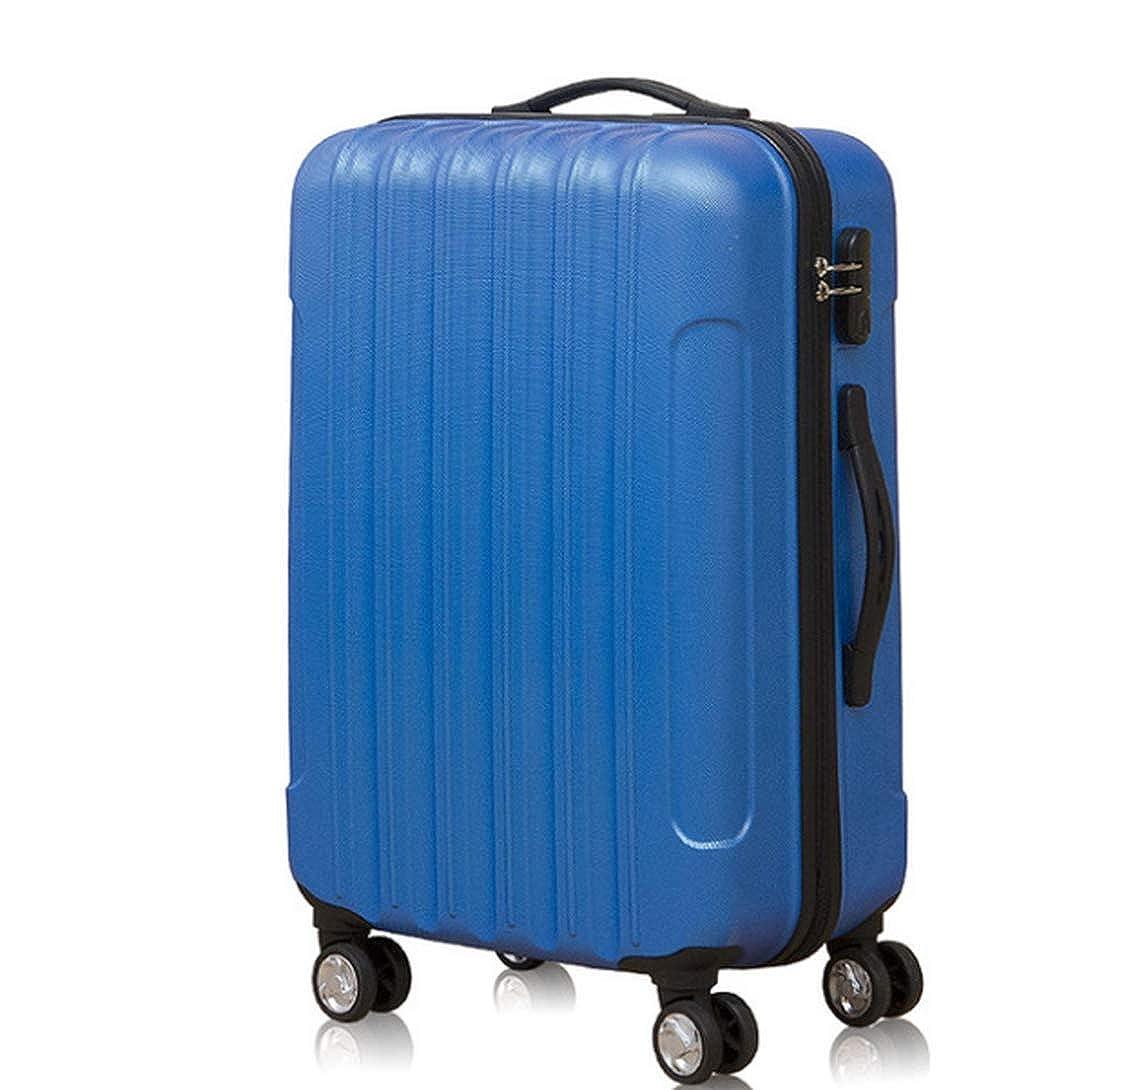 22寸 スーツケース キャリーケース キャリーバッグ 安心1年保証 機内持ち込みサイズから ファスナー 傷が目立ちにくい ハードキャリー 拡張 ジッパー 35cm×27cm×55cm B07JV9V9TP J 22寸